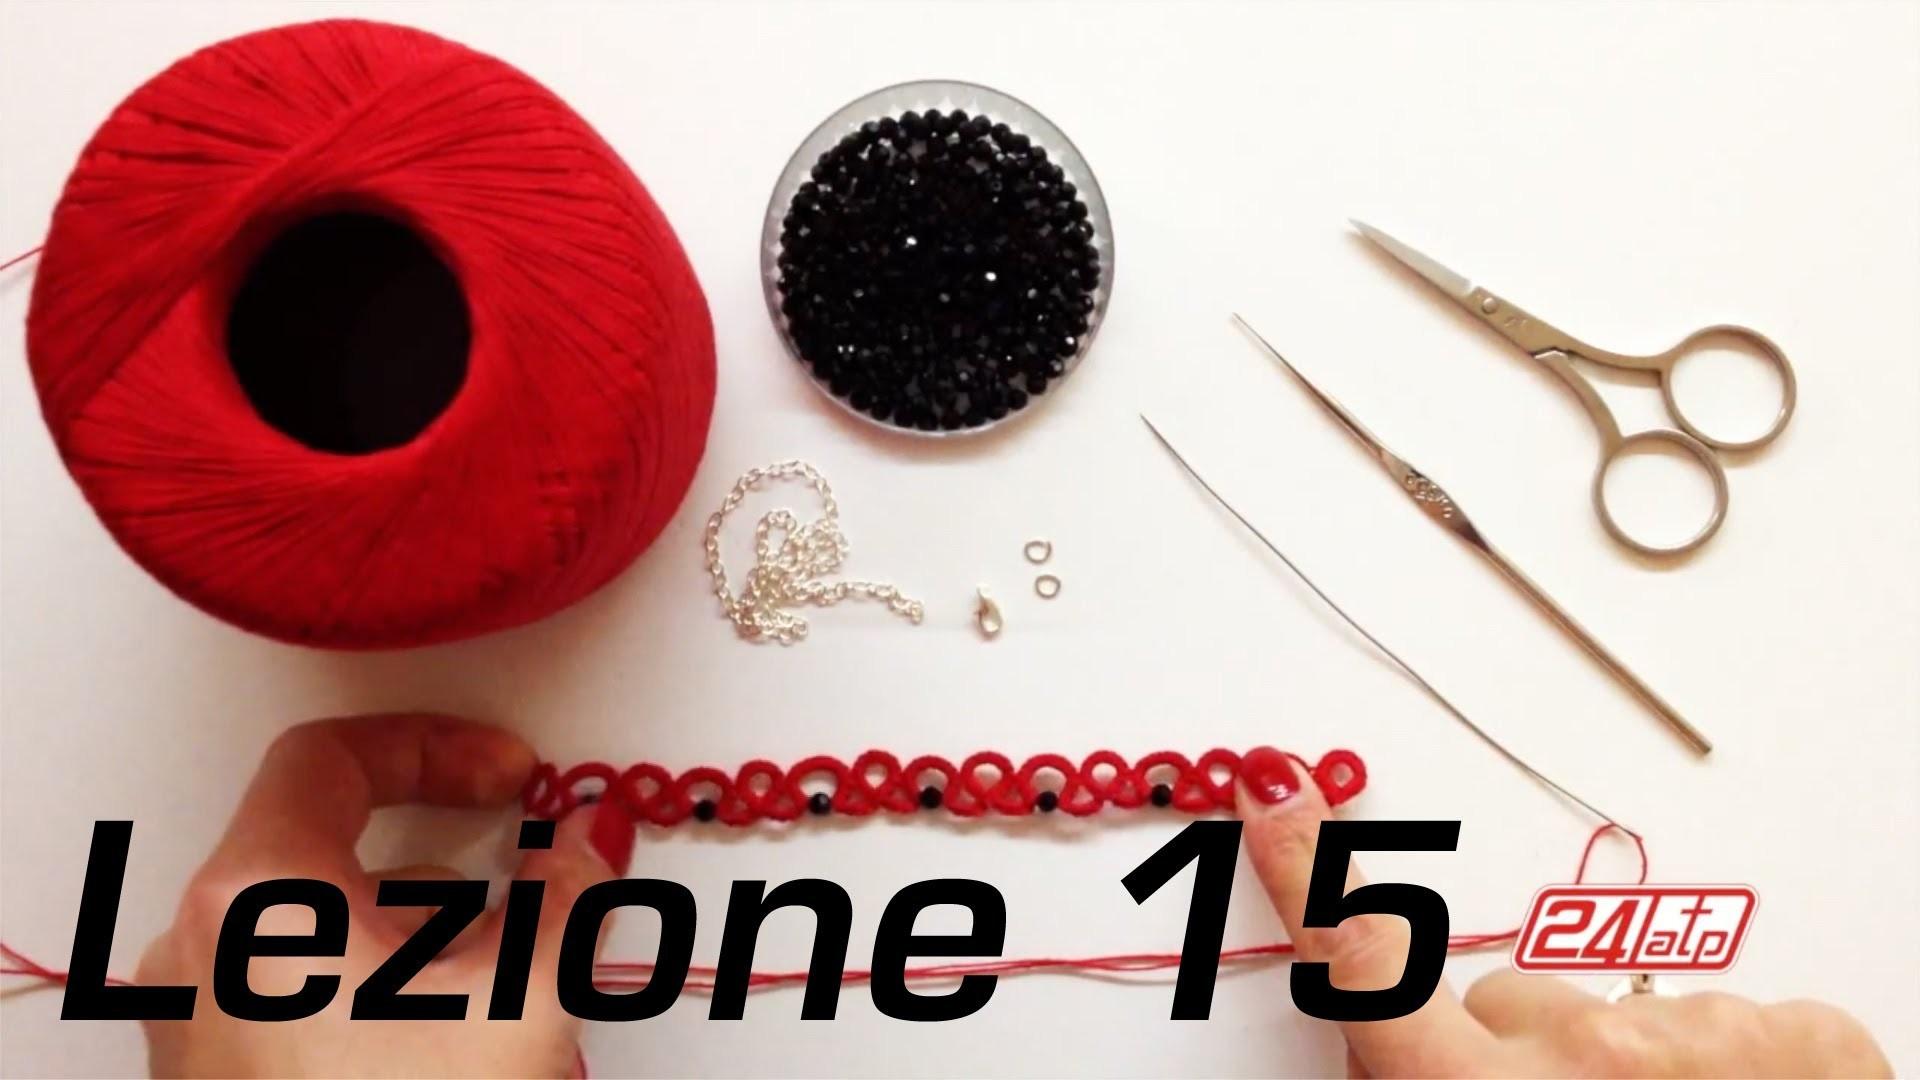 Chiacchierino Ad Ago - 15˚ Lezione Braccialetto Bracciale Con Perline Bijoux Tutorial Needle Tatting